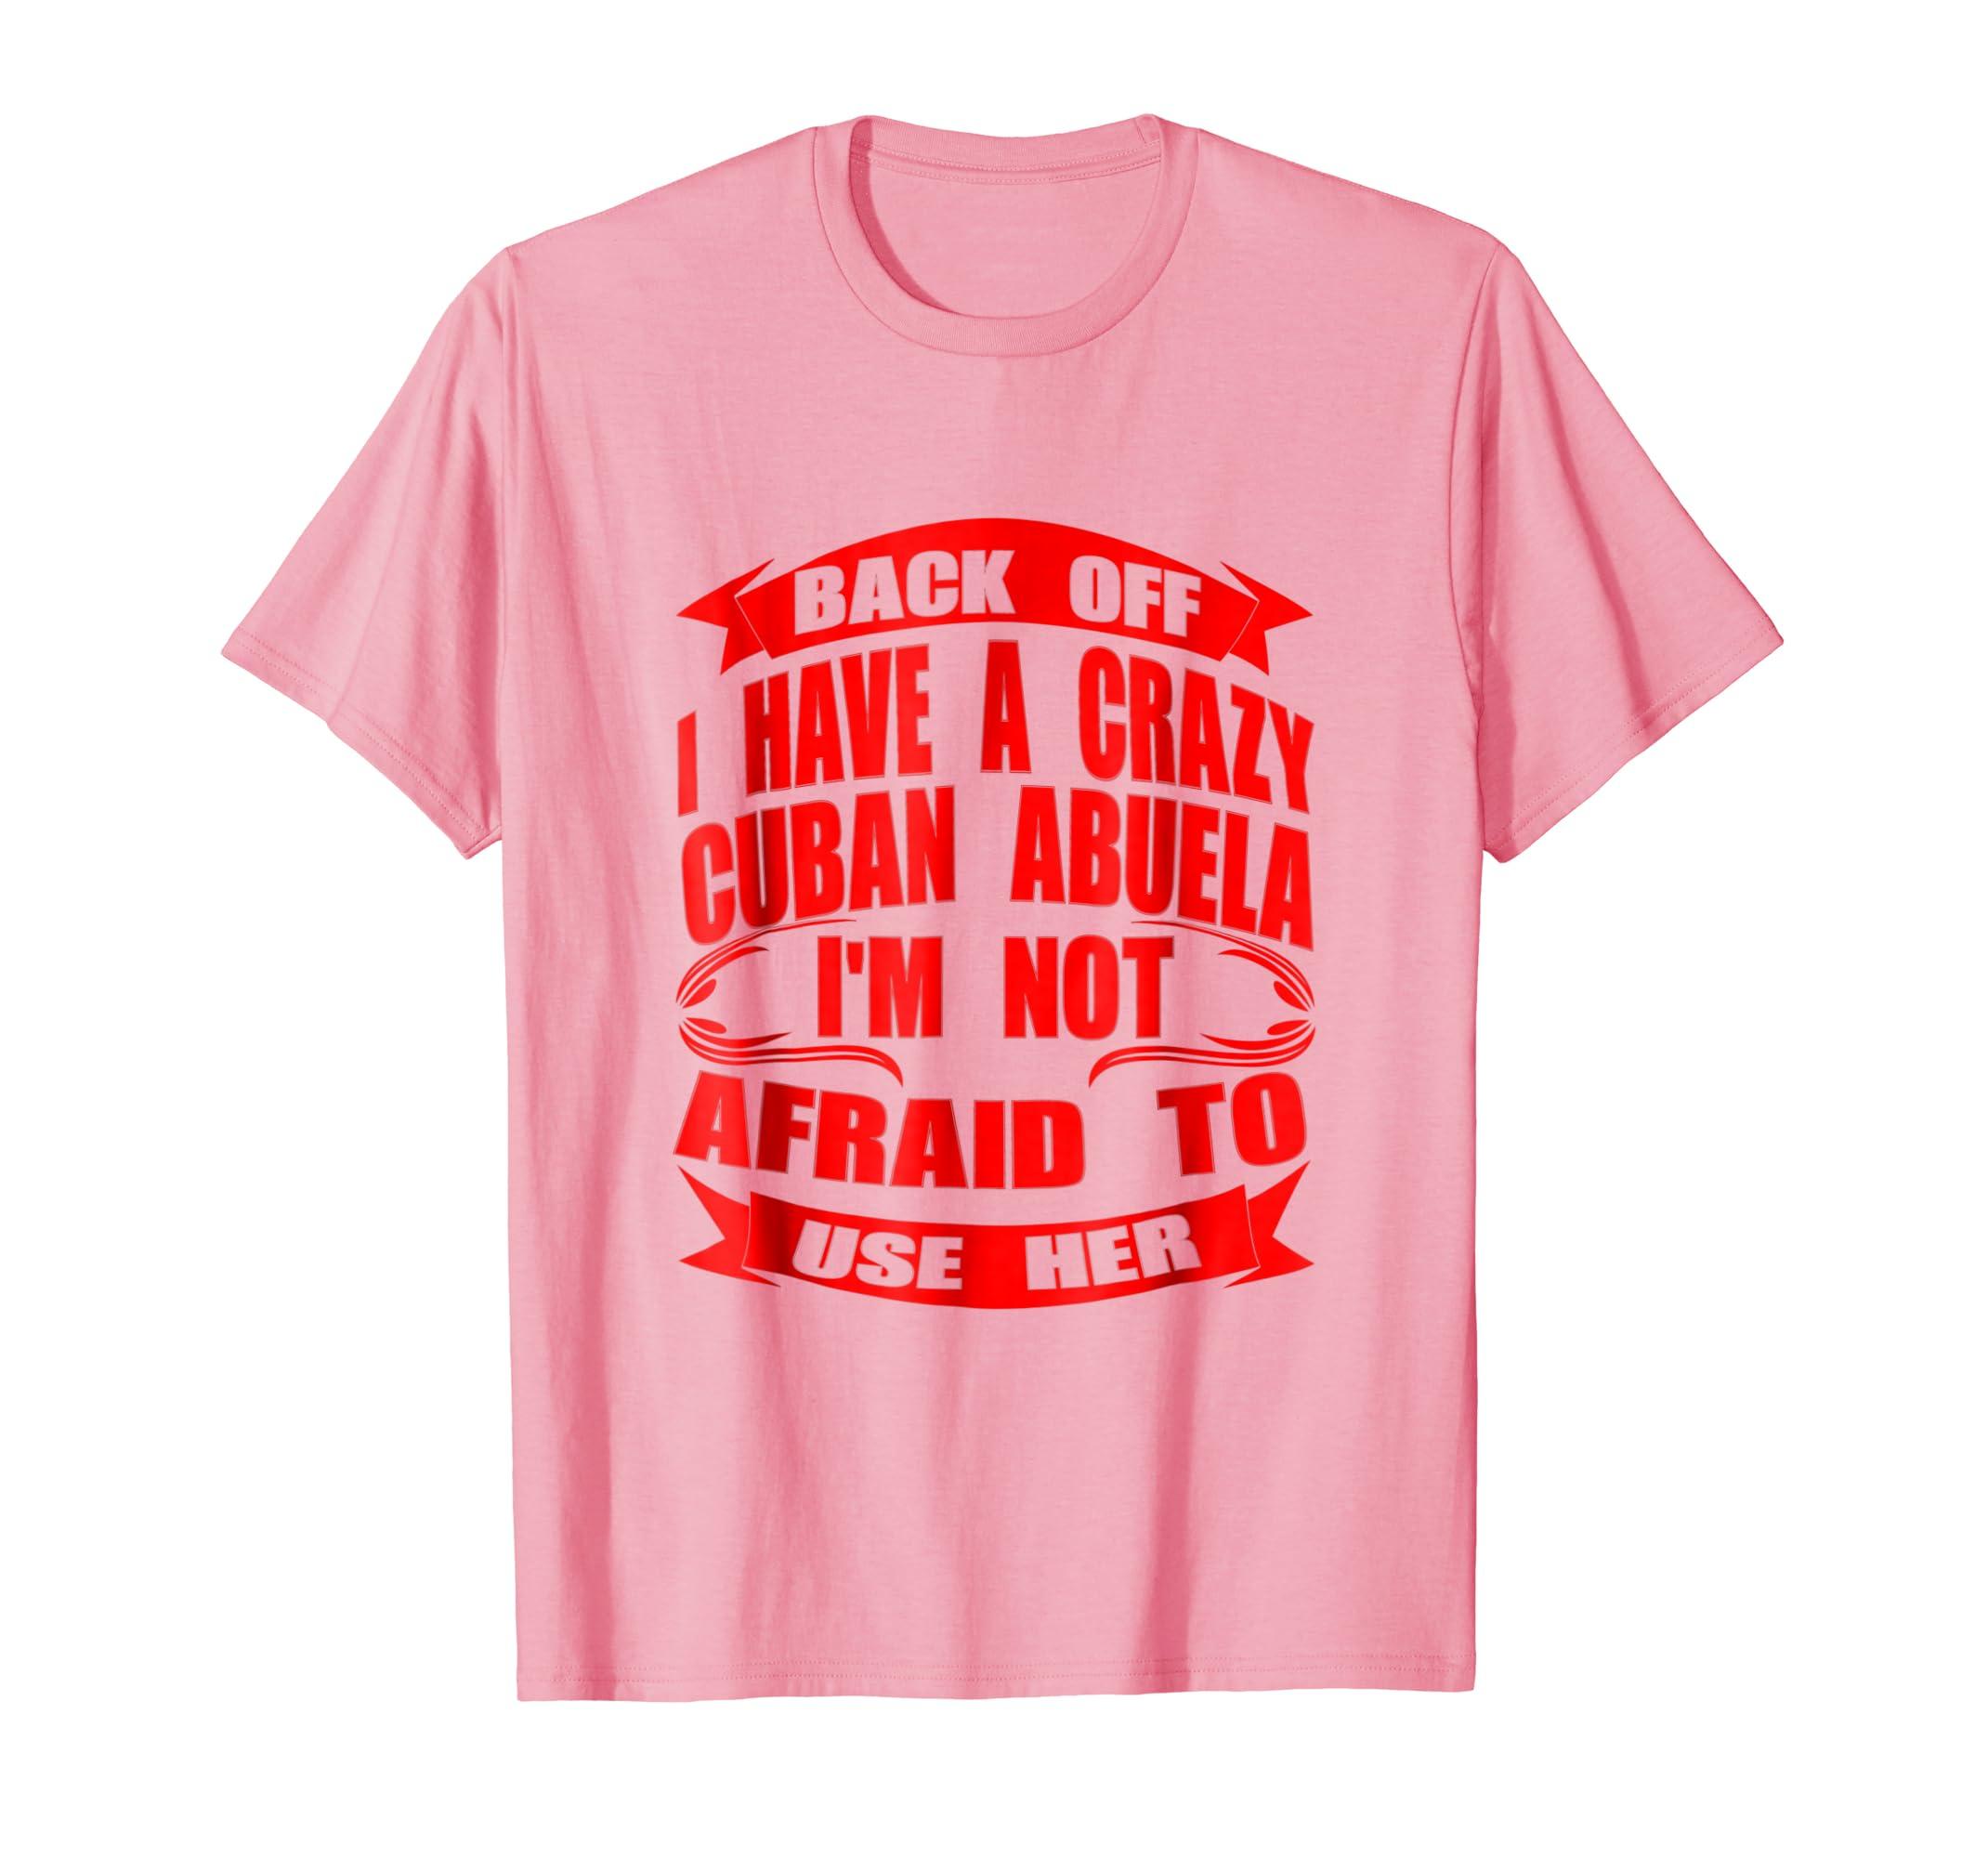 020b15a71d6 Amazon.com  Funny Back Off I Have A Crazy Cuban Abuela T-shirt Cuba   Clothing